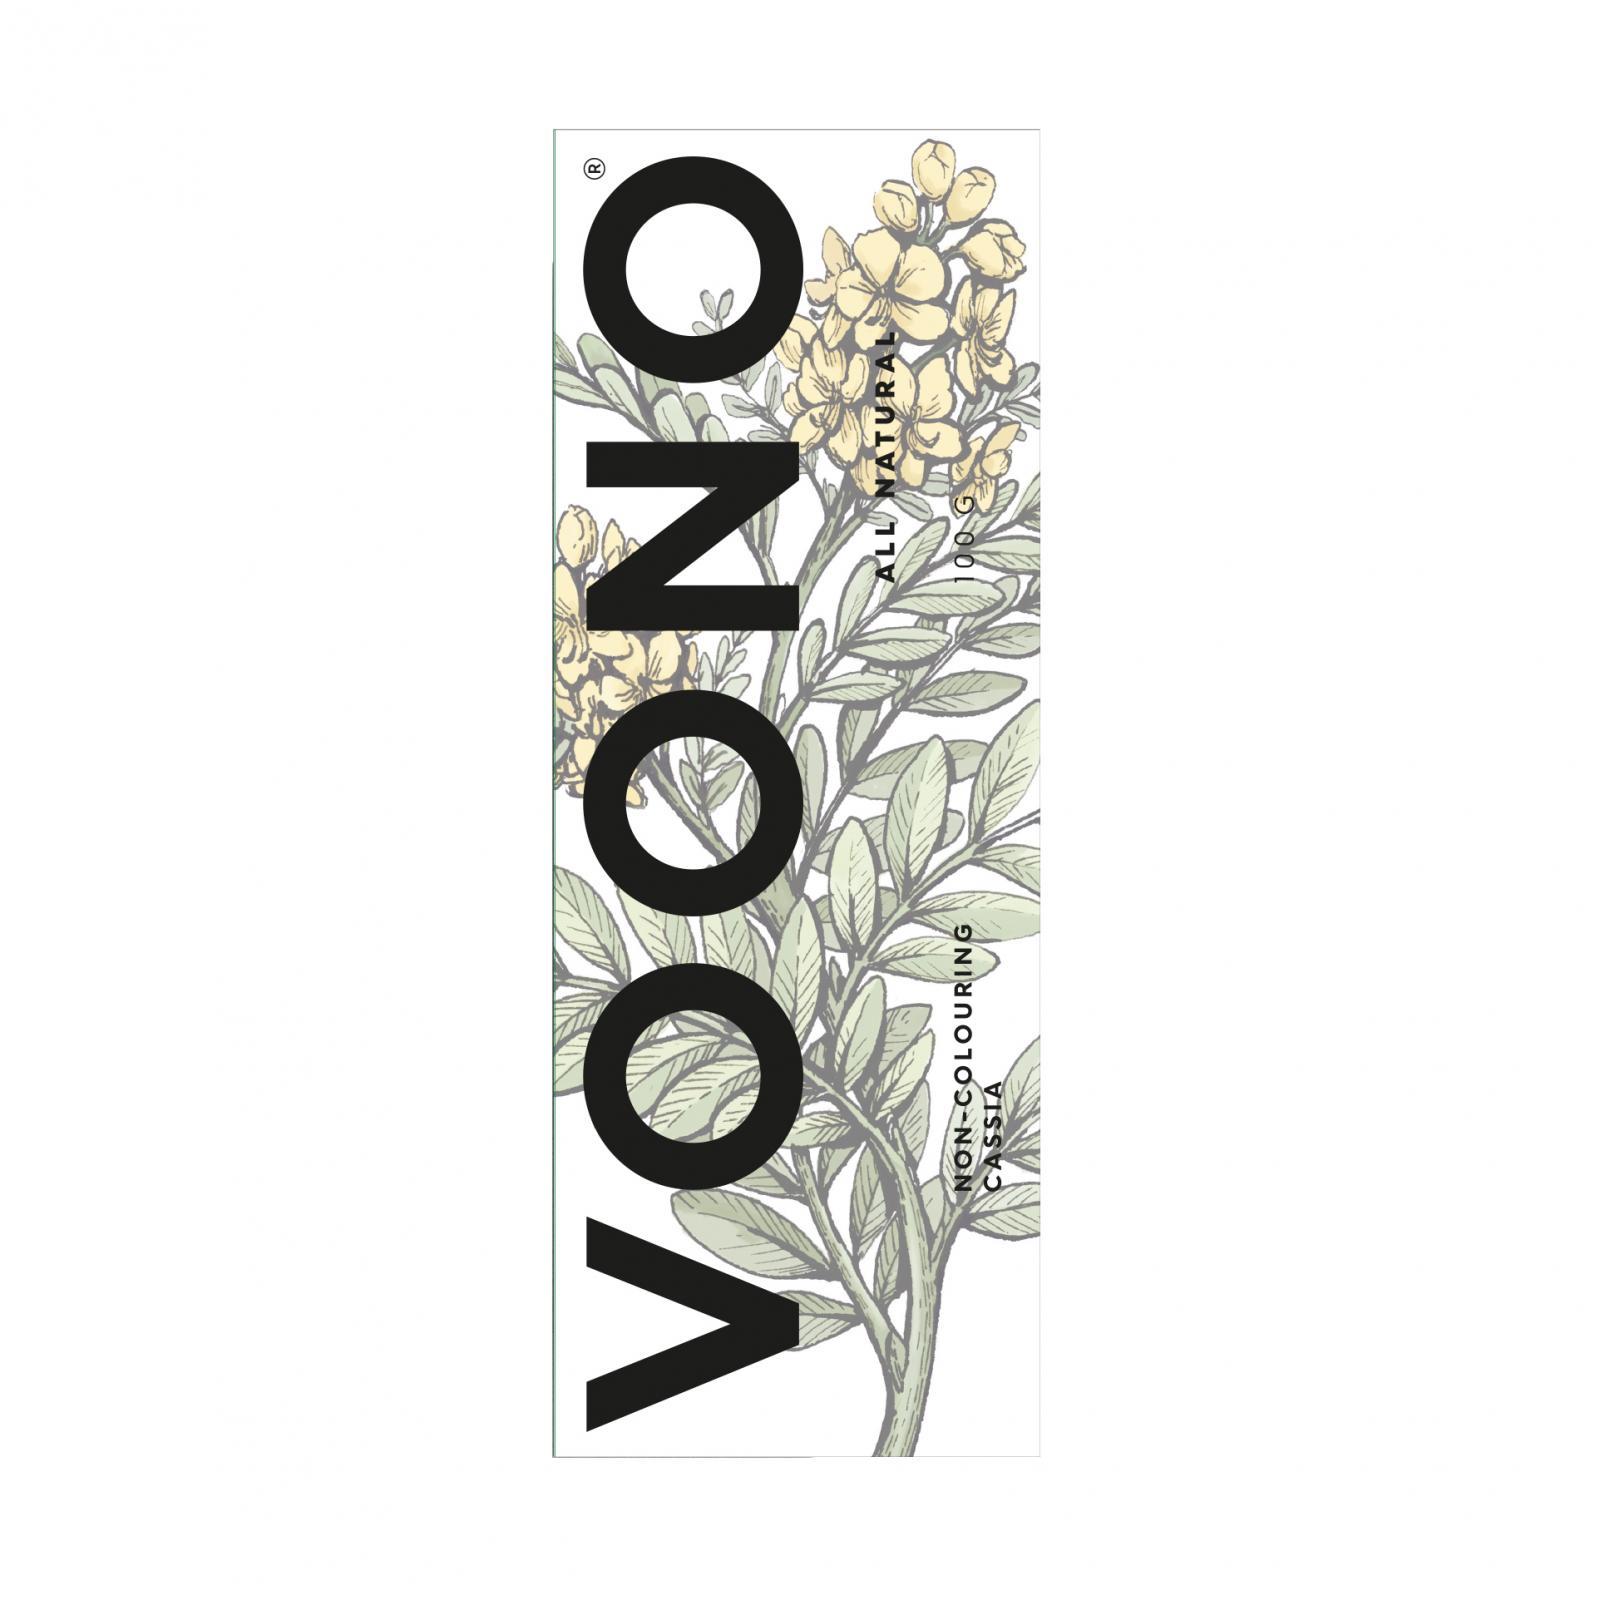 VOONO Cassia Obovata 100 g